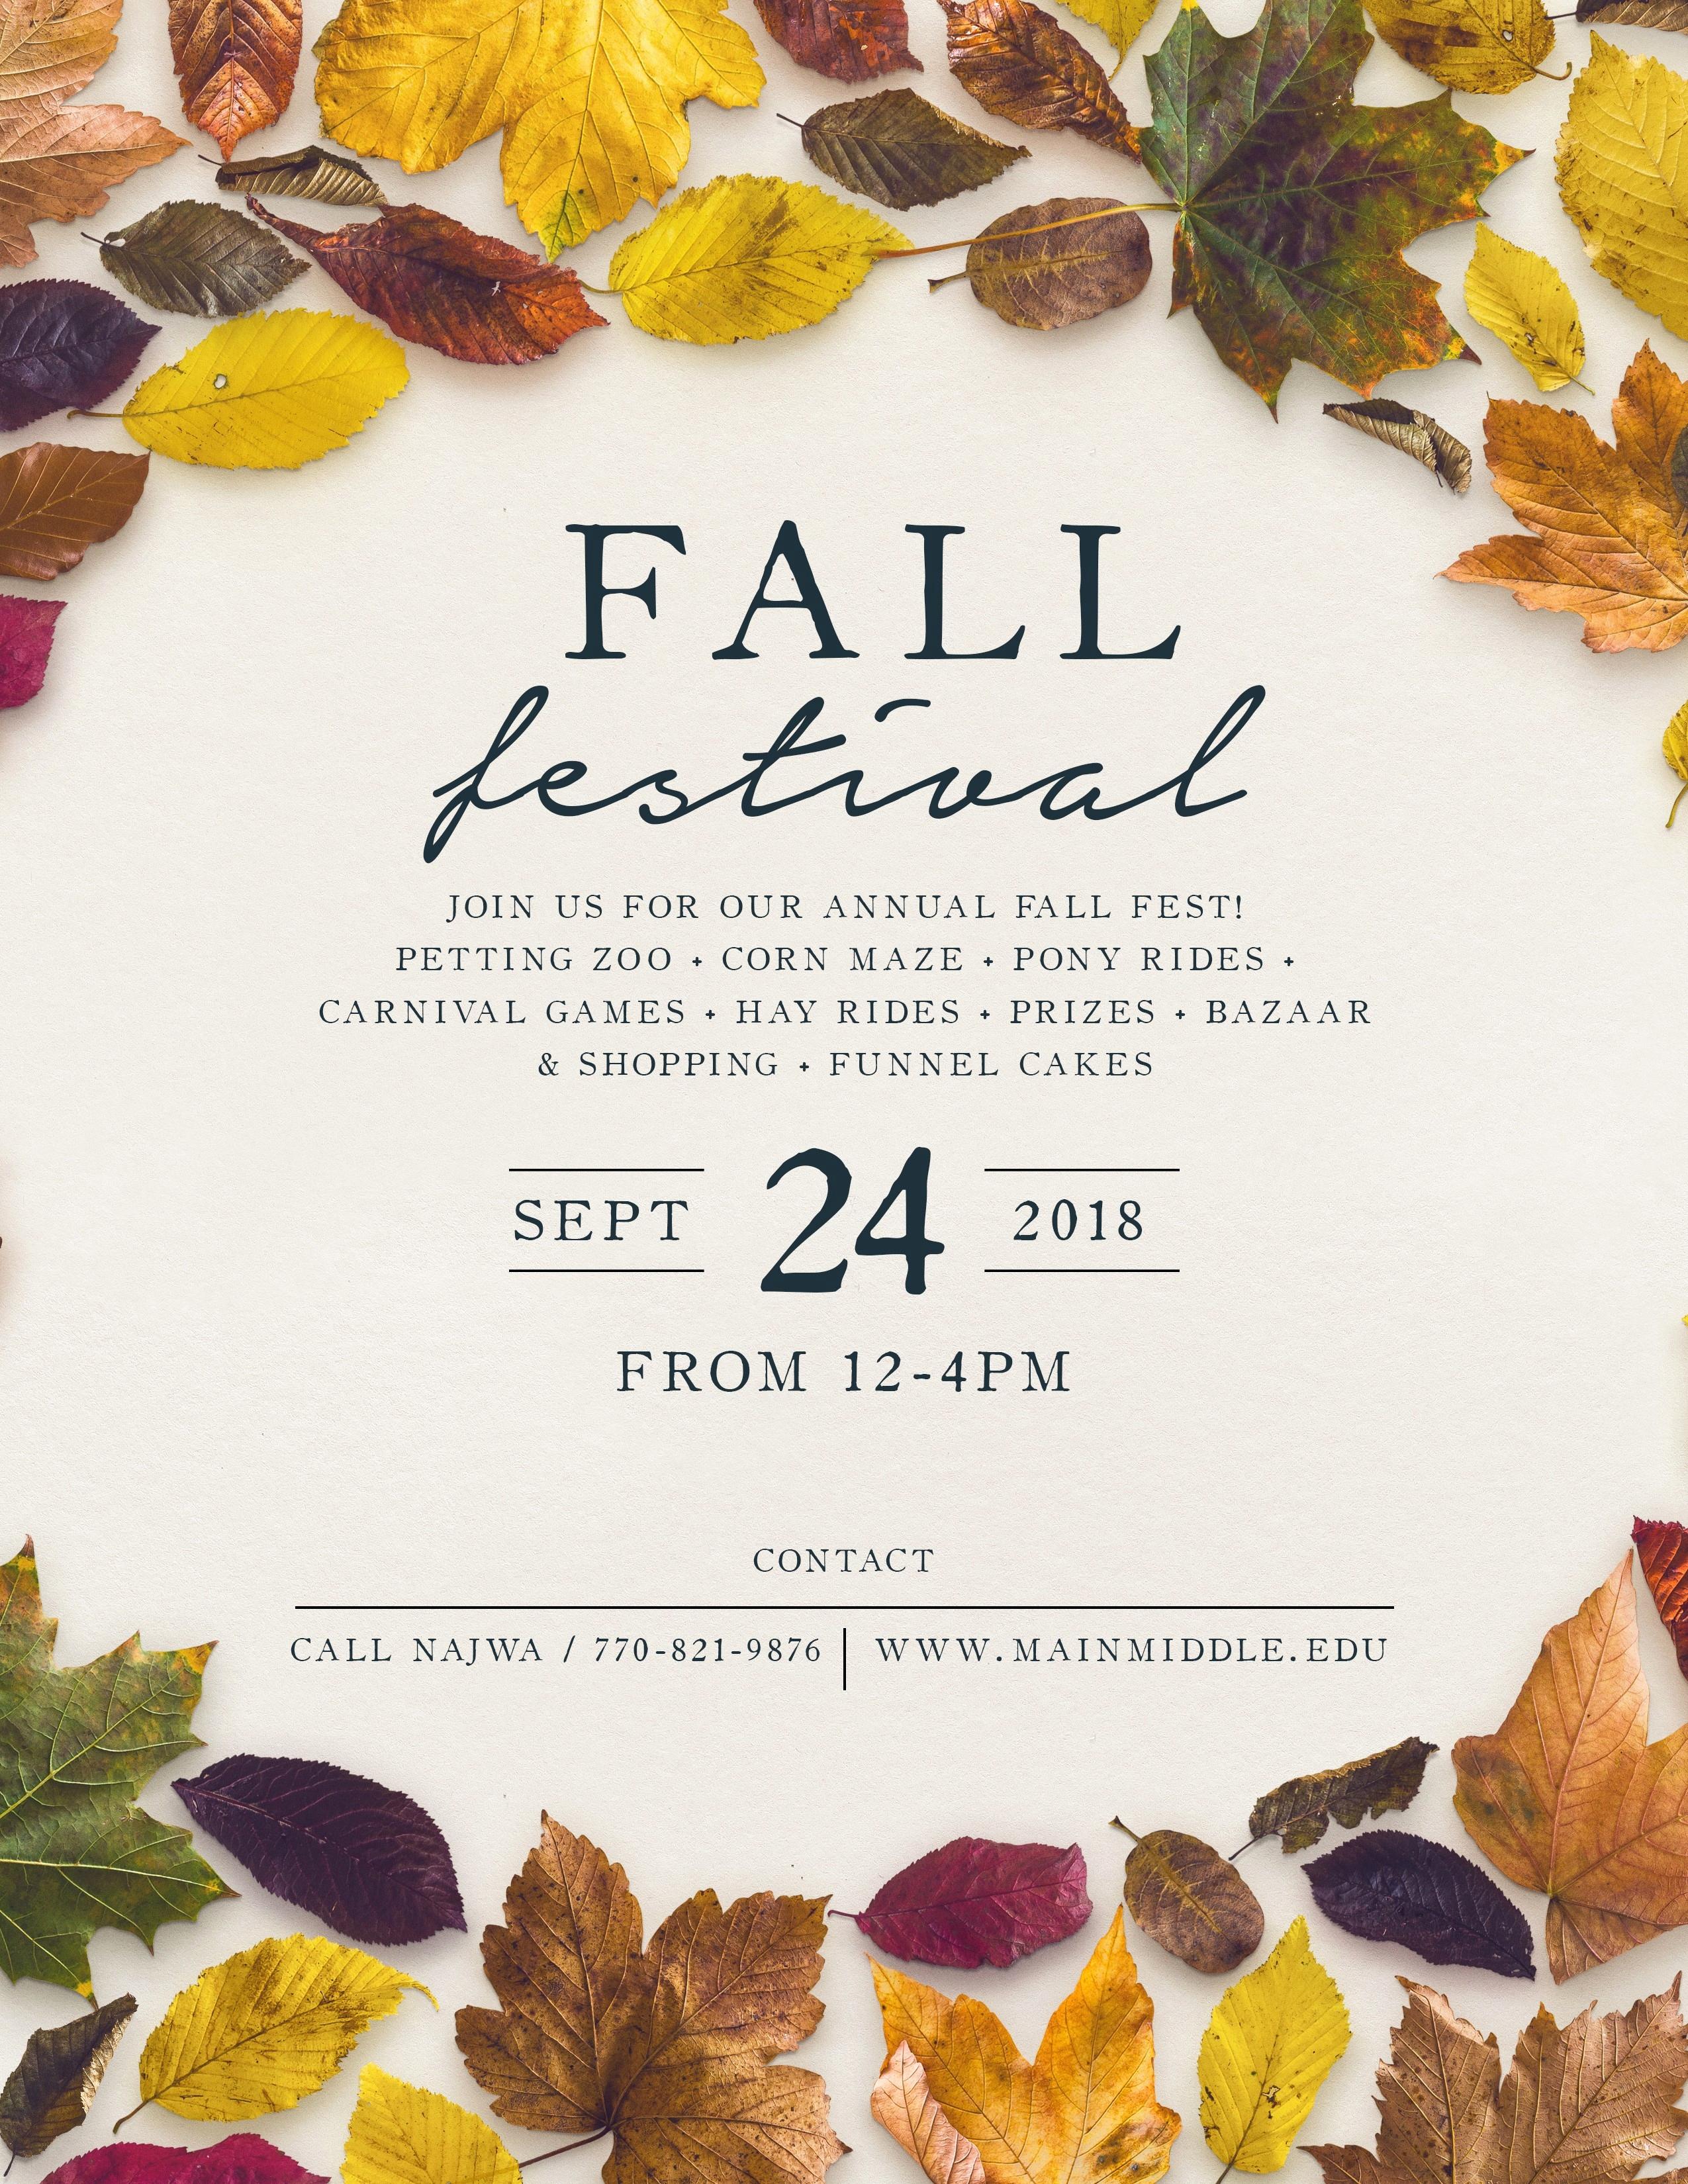 50 Luxury Free Fall Flyer Templates   Speak2Net - Free Printable Fall Flyer Templates